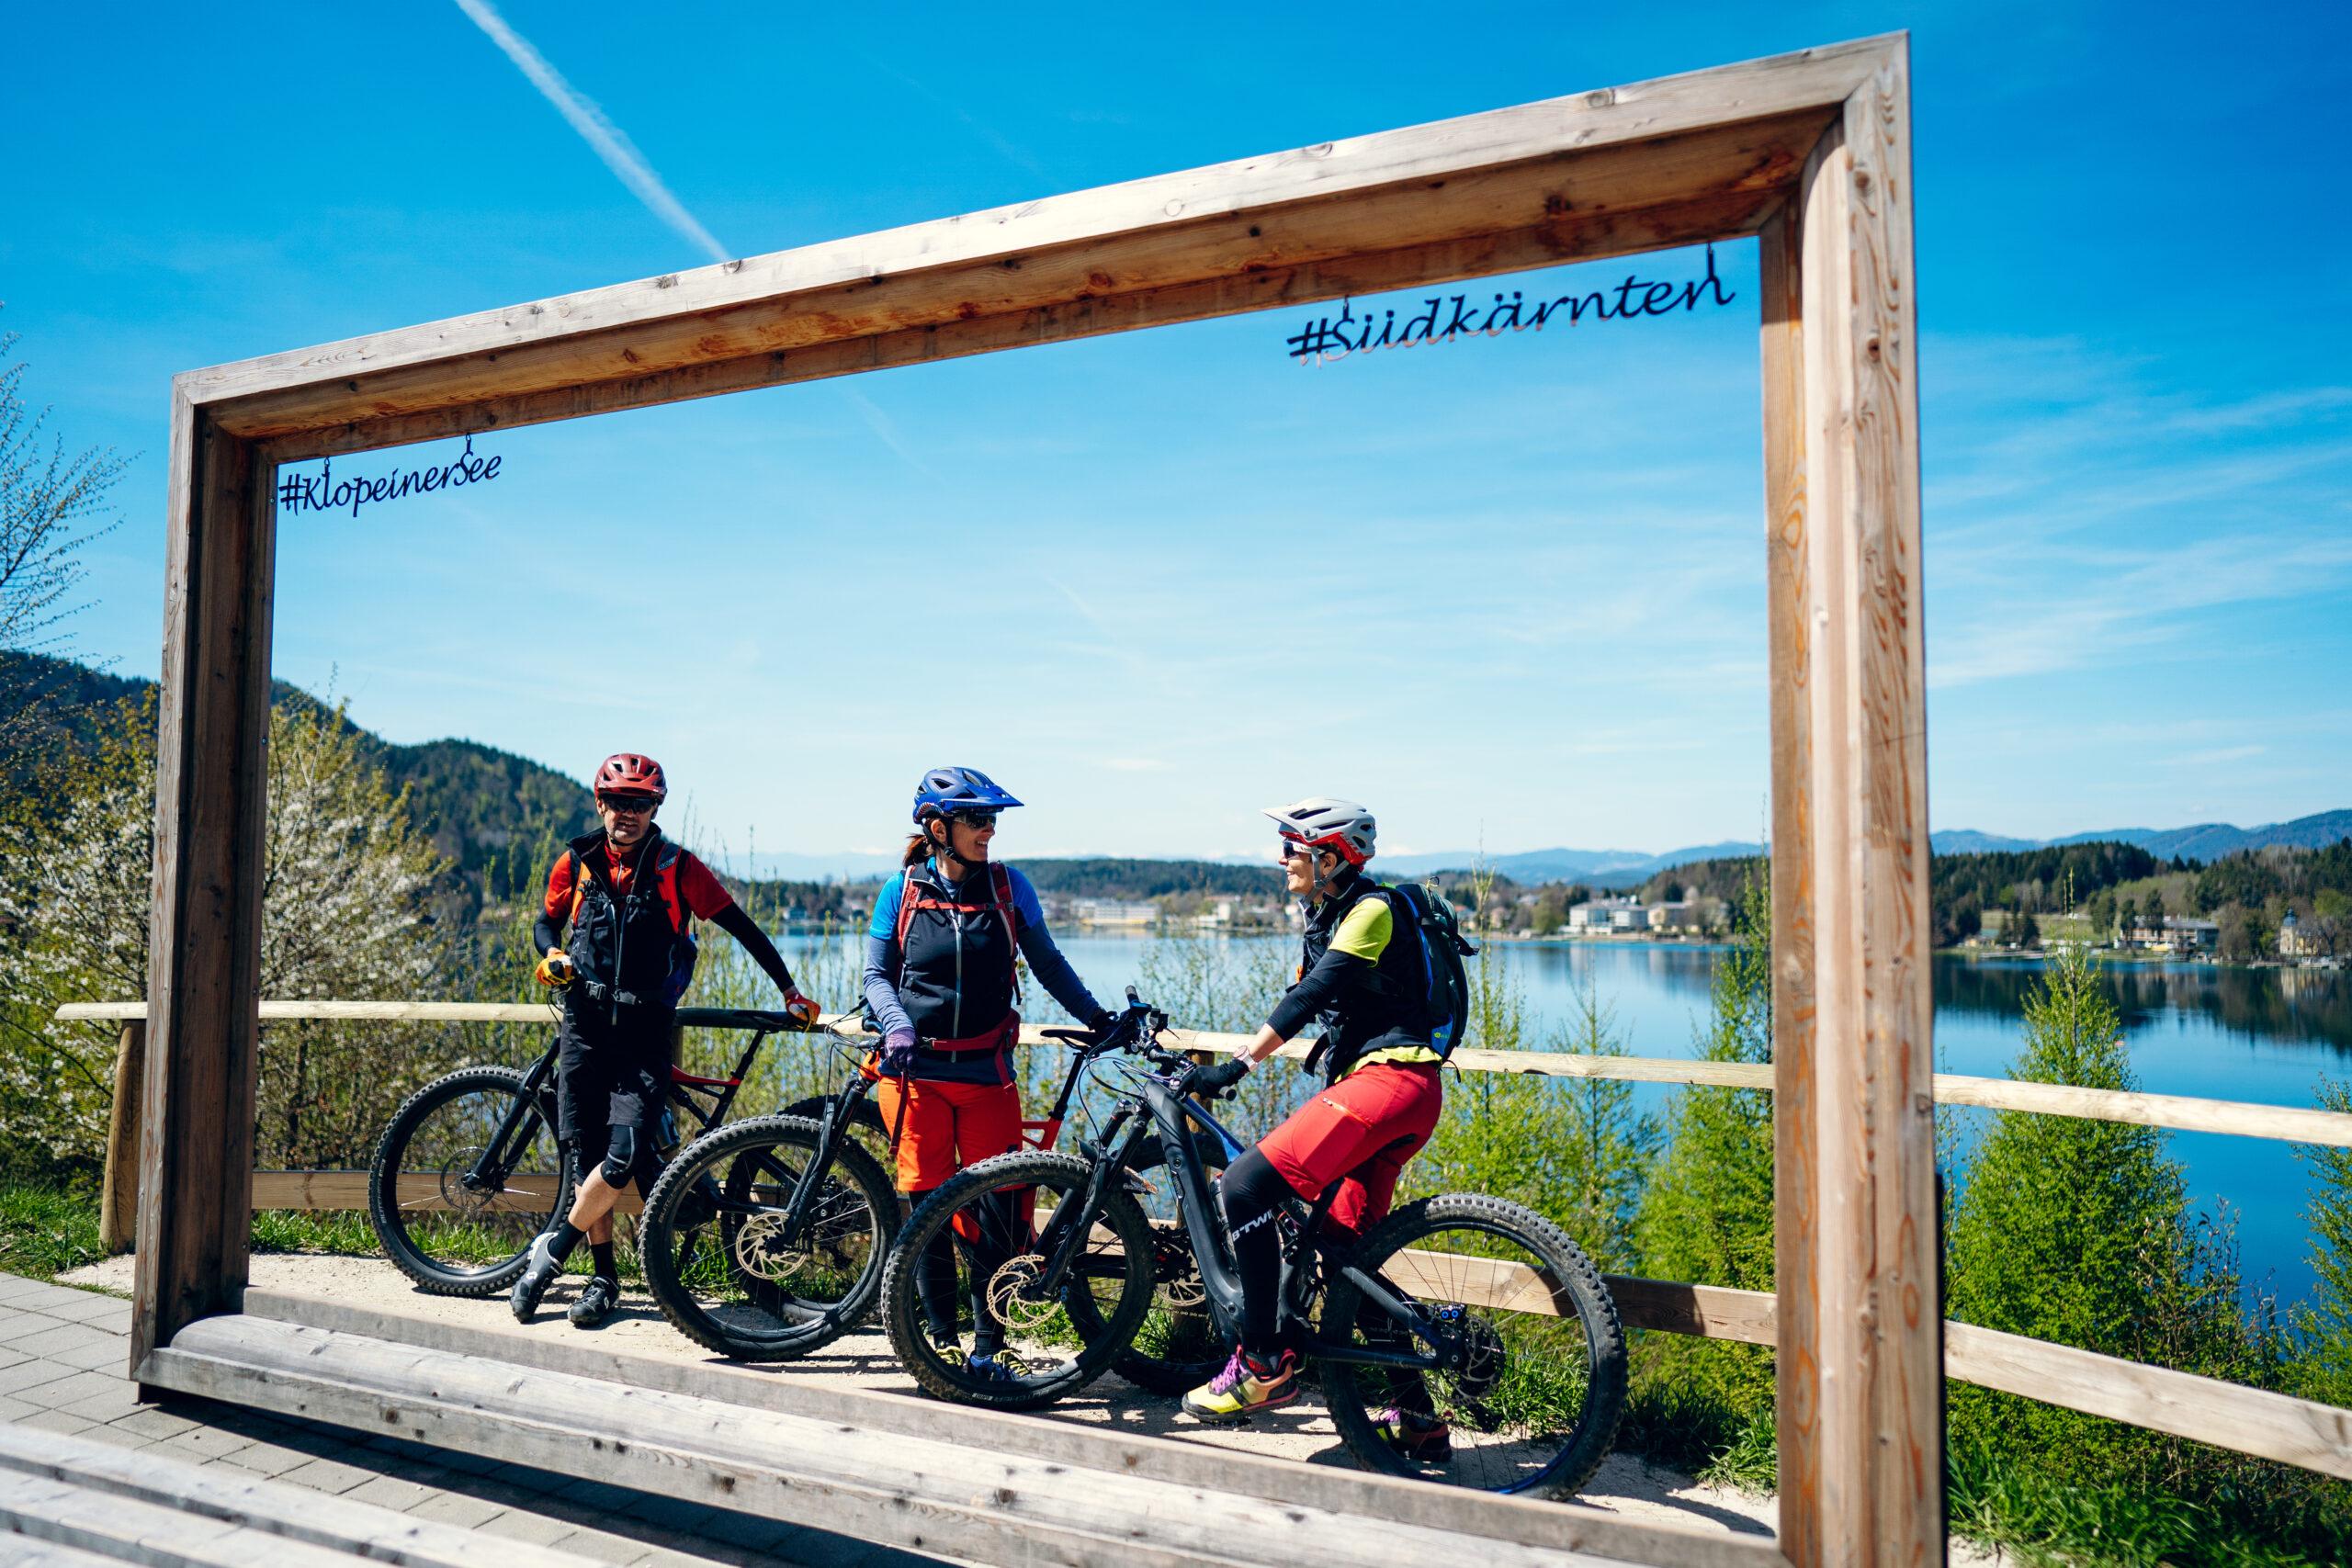 Élvezet E Bike Radln Klopeiner See photo frame break man women Suedkaernten